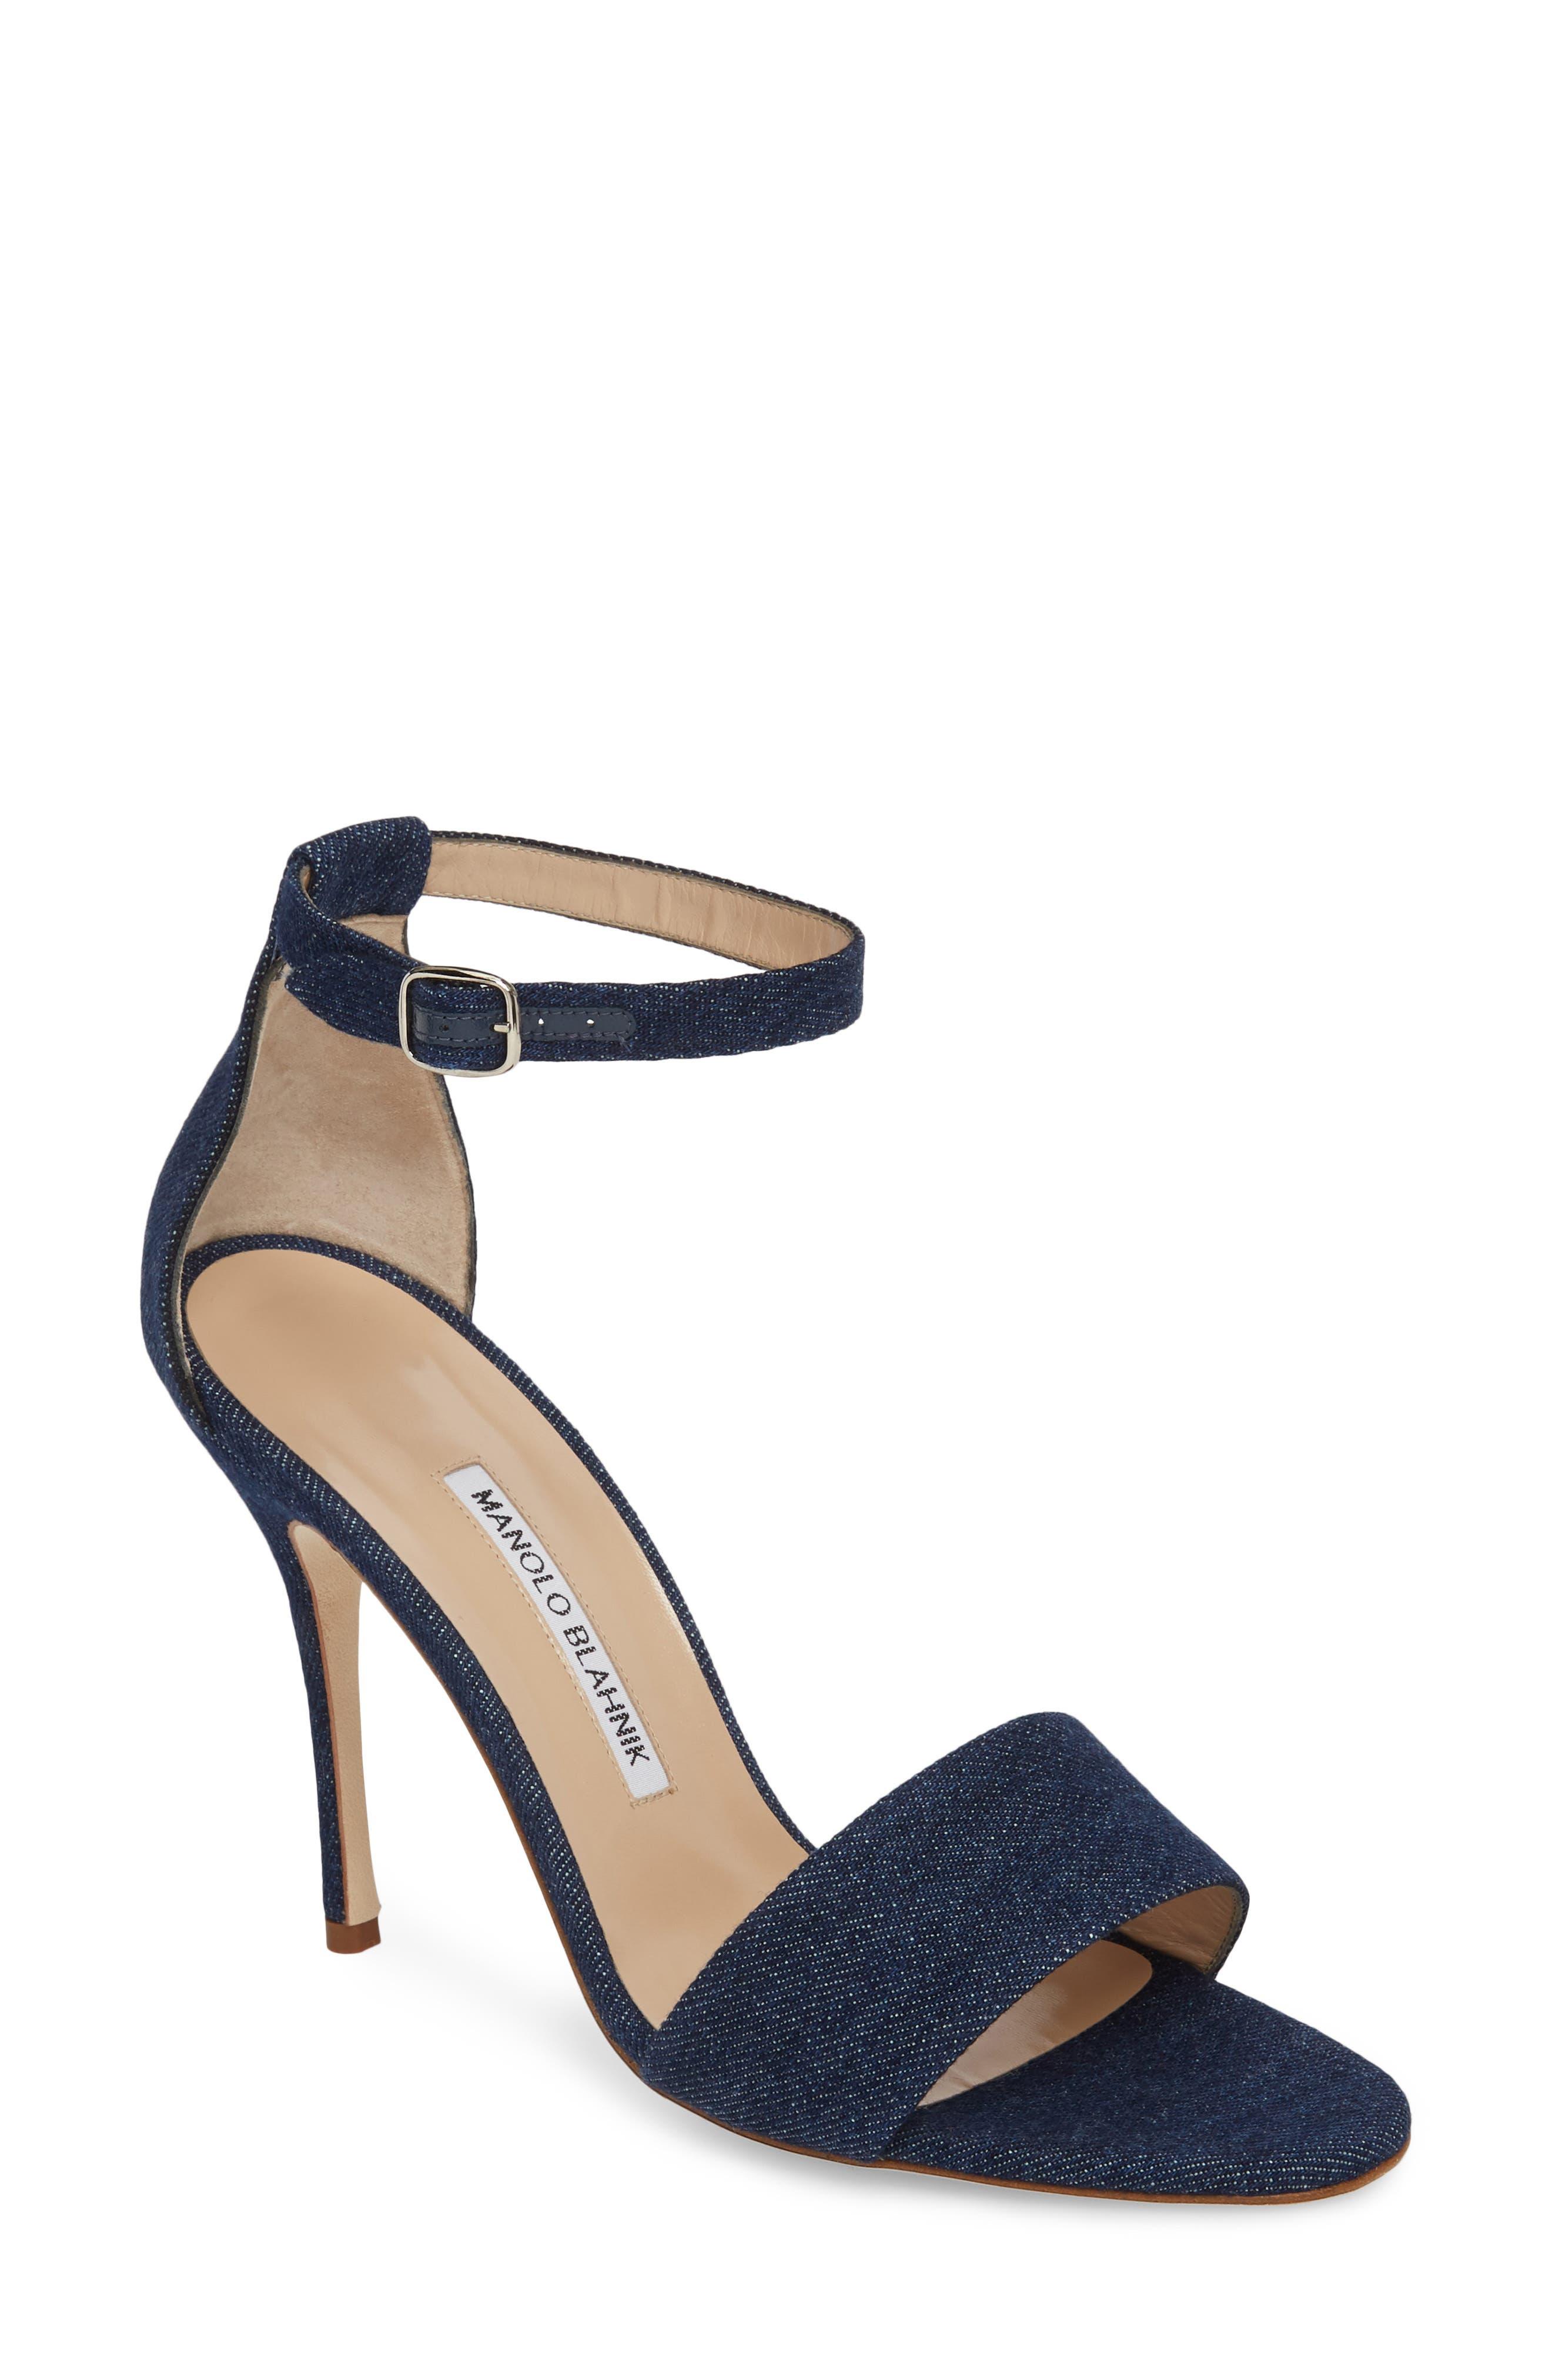 Tres Ankle Strap Sandal,                             Main thumbnail 1, color,                             DENIM BLUE